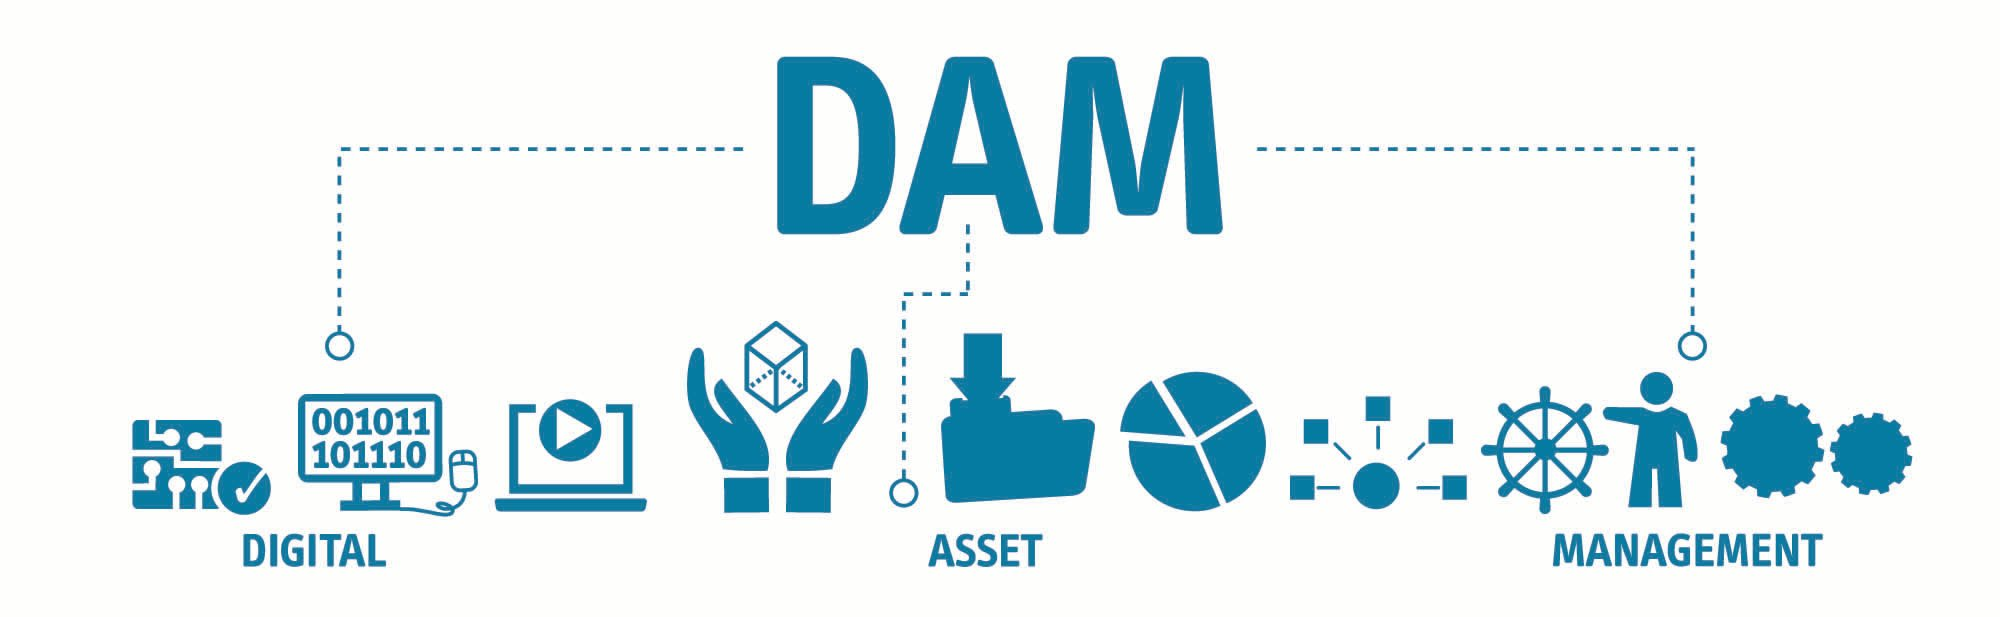 DAM Digital Asset Management Organization Concept